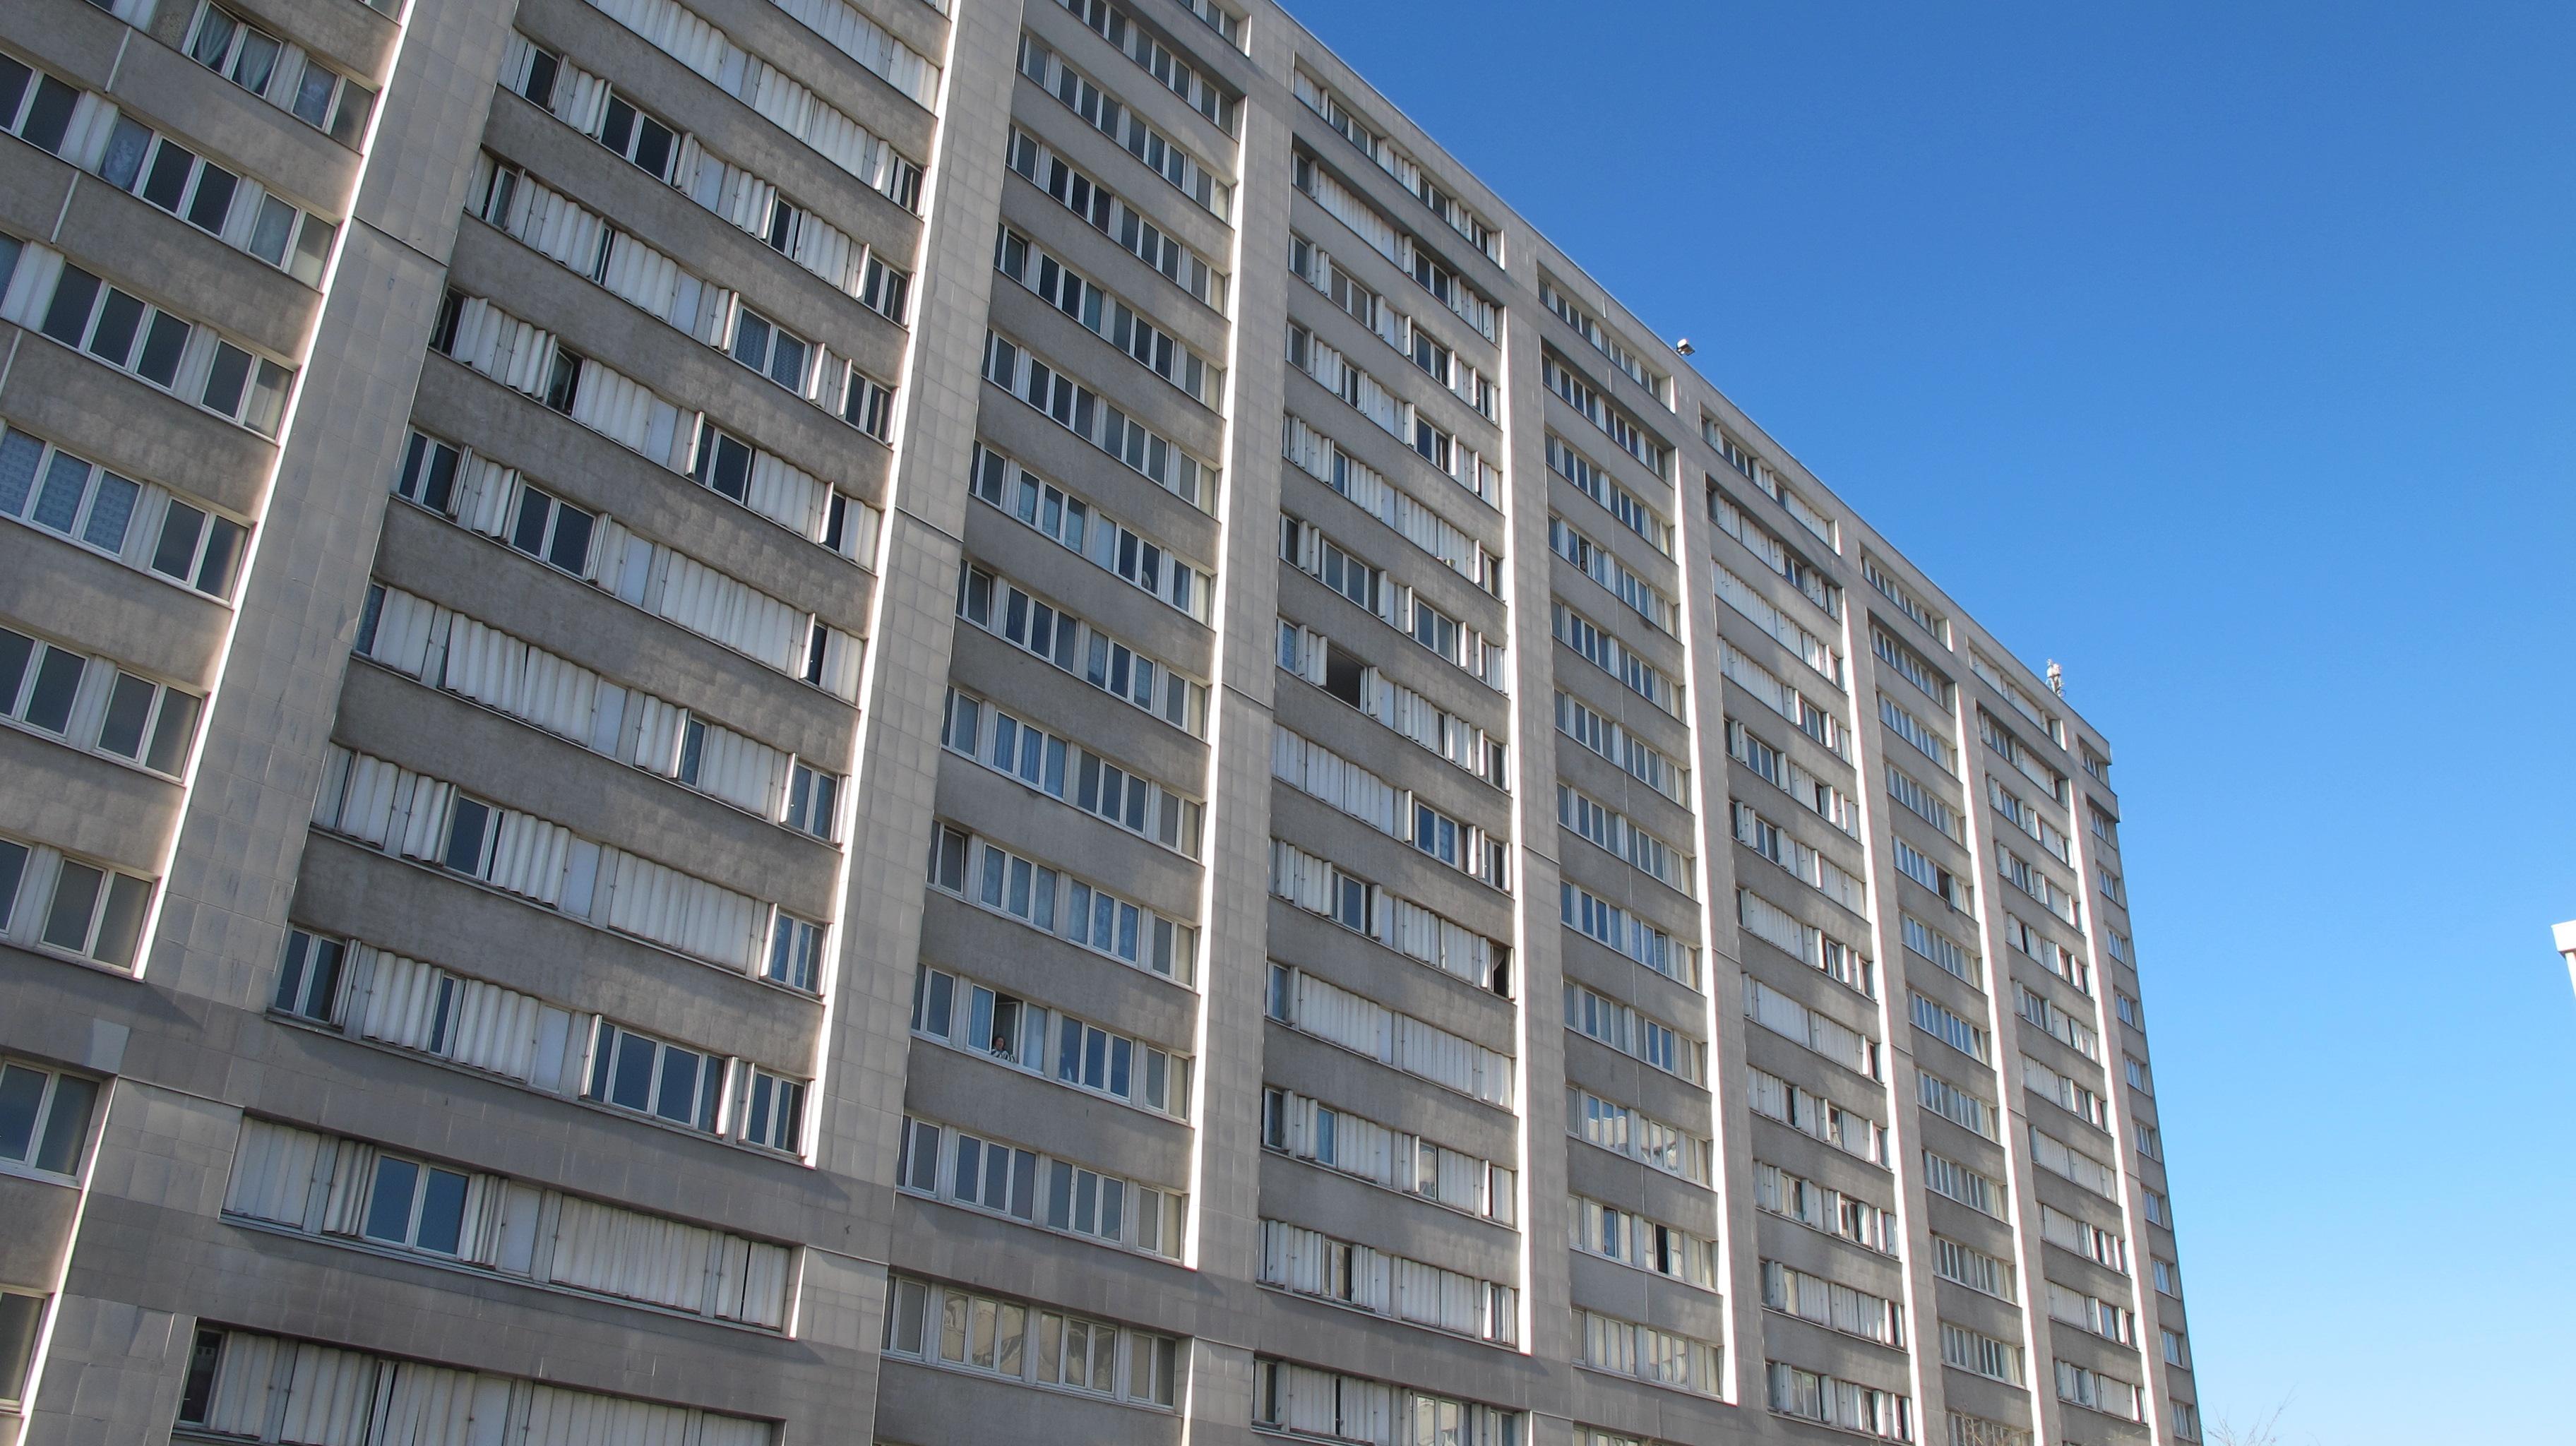 Chiffres taux de logements sociaux dans le val de marne ville